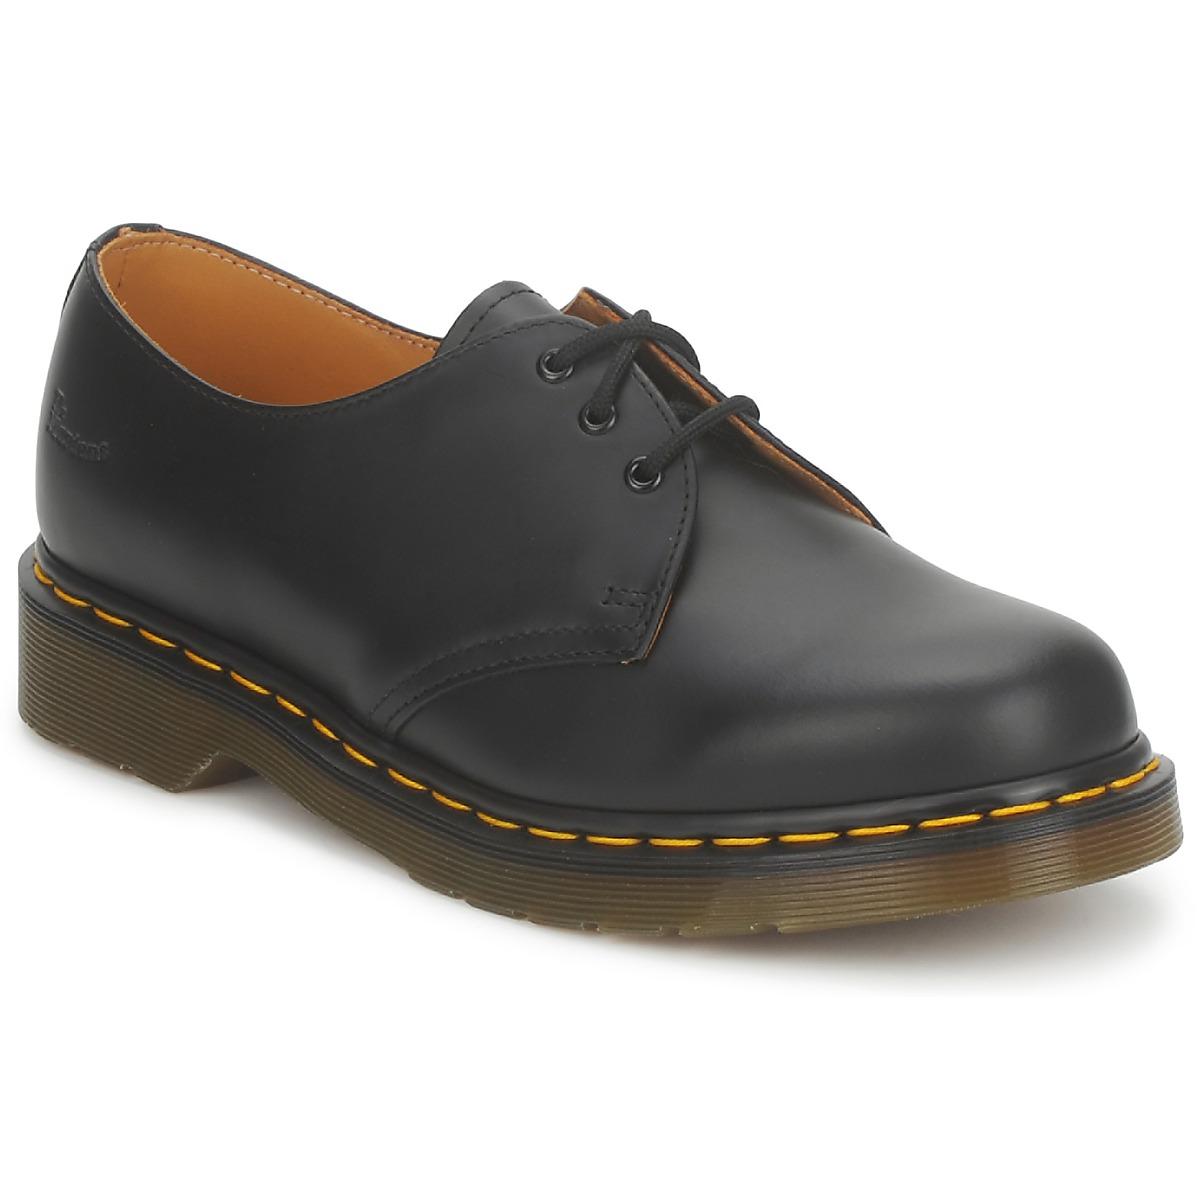 Dr Martens 1461 59 Black